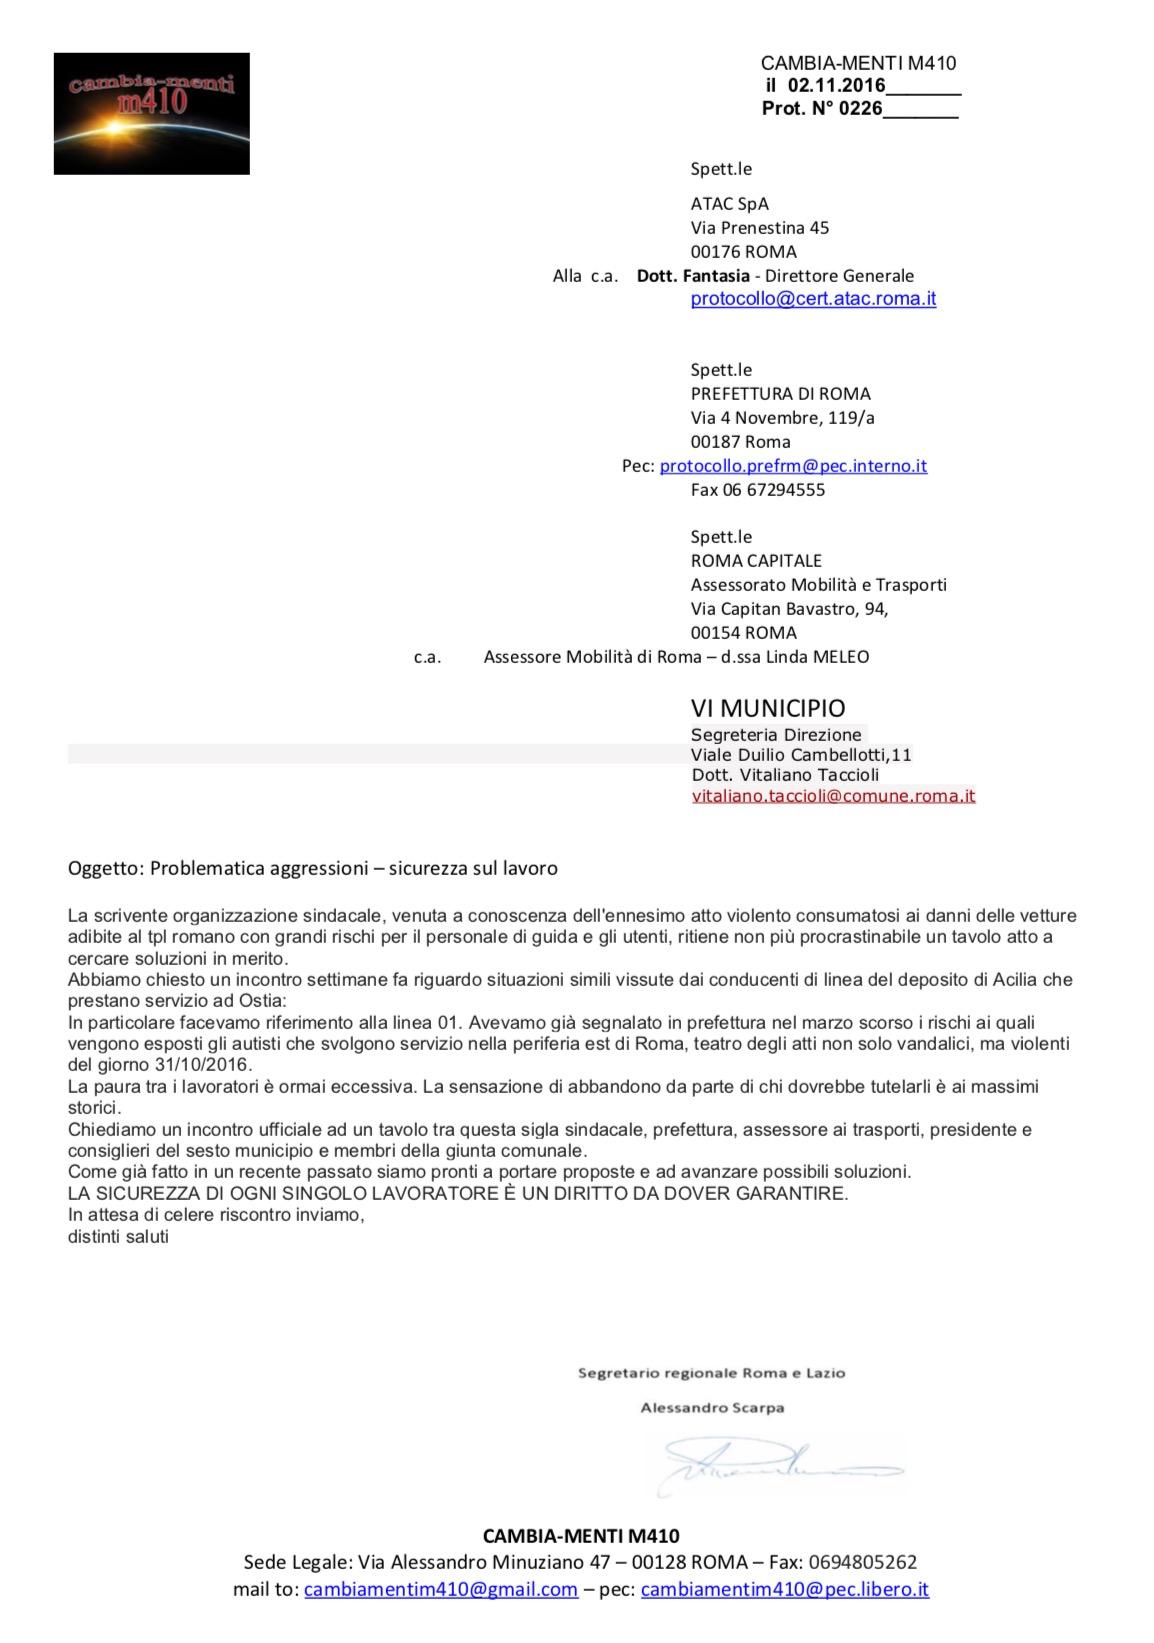 Risposta commissione garanzia e lettera Cambia-menti M410